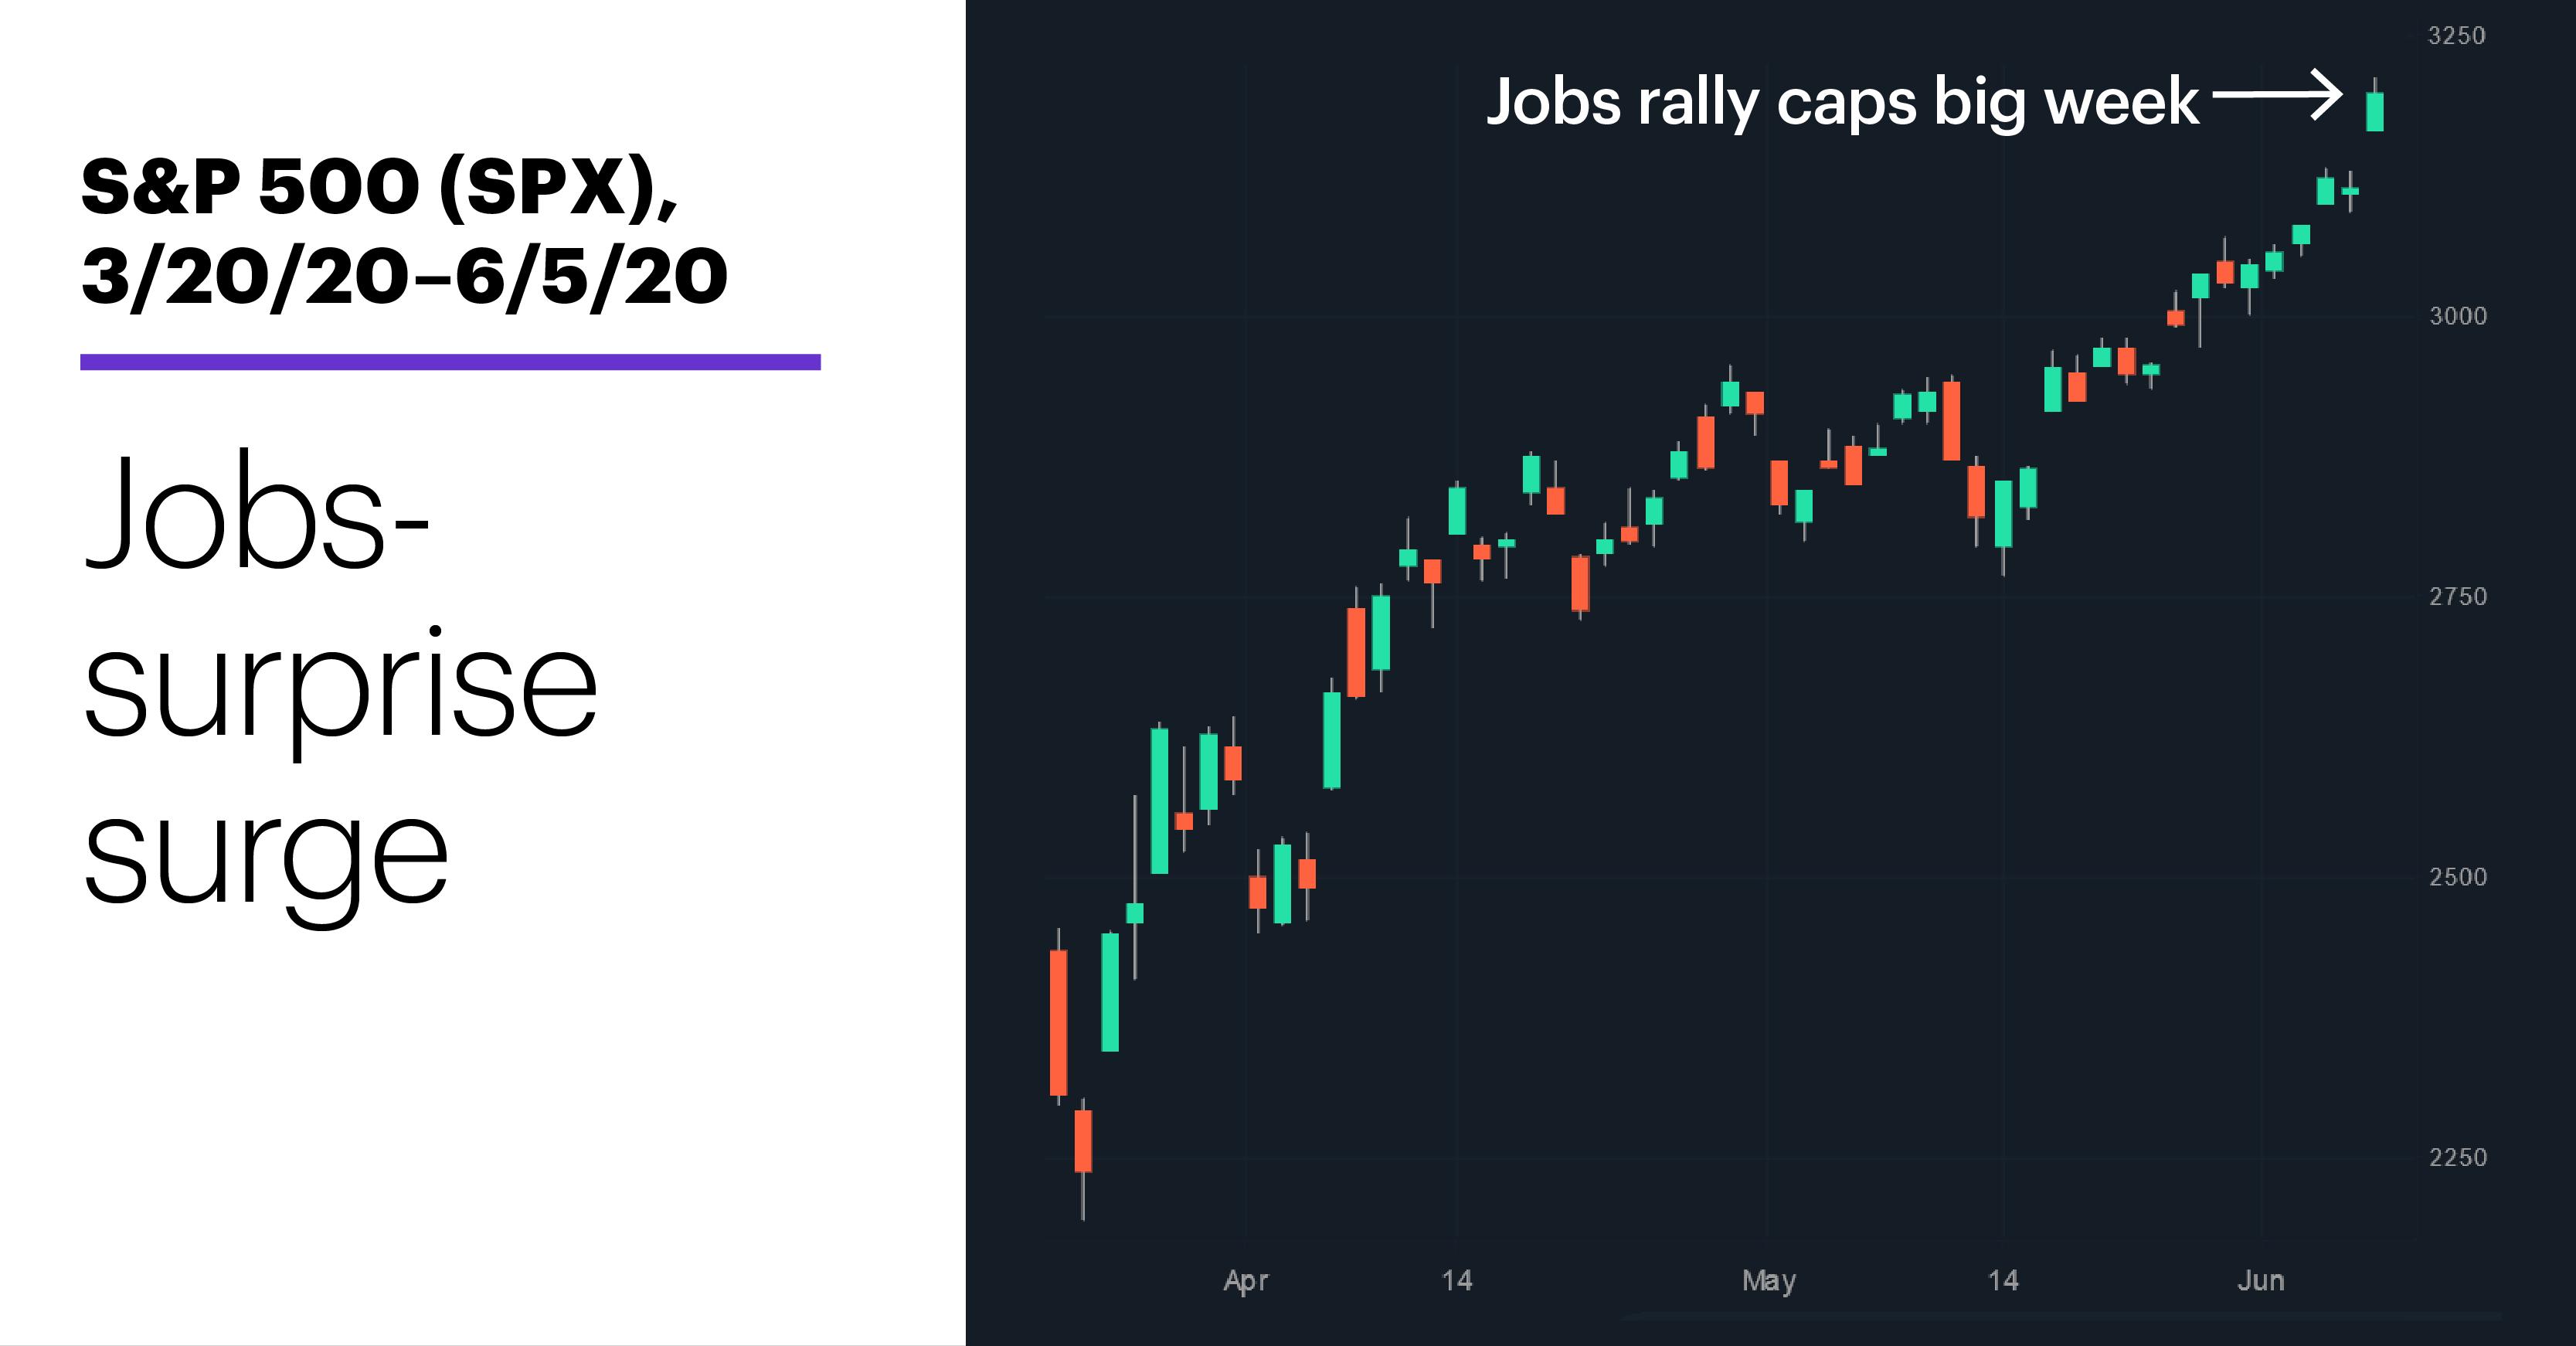 Chart 1: S&P 500 (SPX), 3/20/20–6/5/20. S&P 500 (SPX) price chart. Jobs-surprise surge